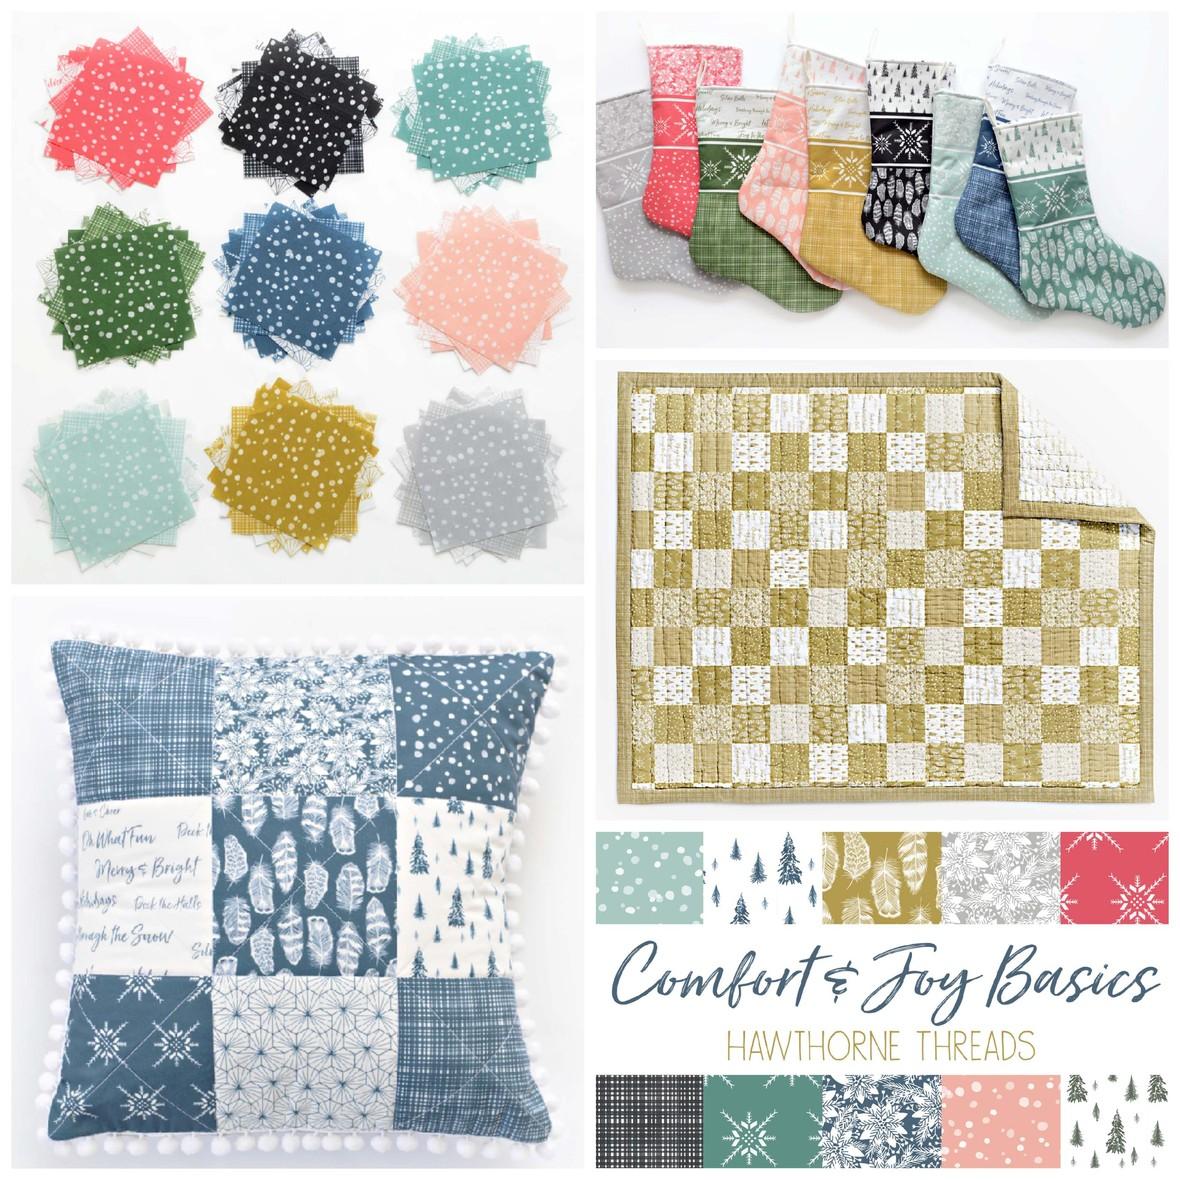 Comfort and Joy Basics Christmas Fabric